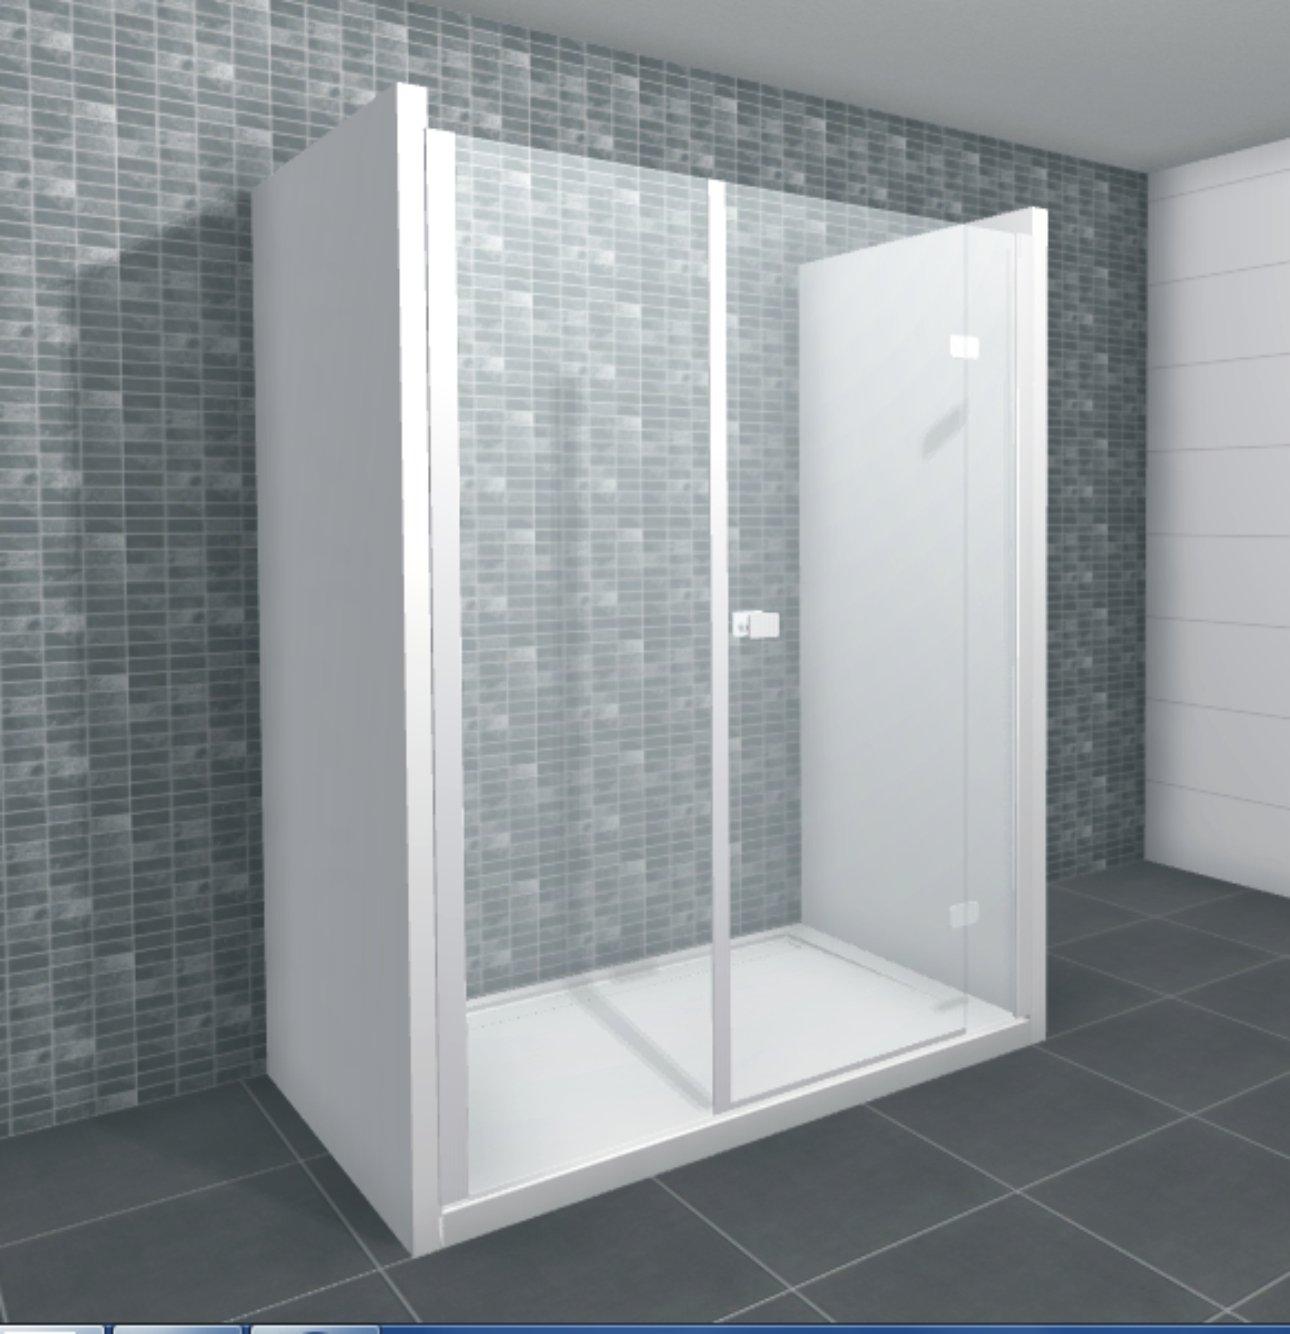 hsk duschkabine premium softcube c nischen dusche dreht r arcom center. Black Bedroom Furniture Sets. Home Design Ideas